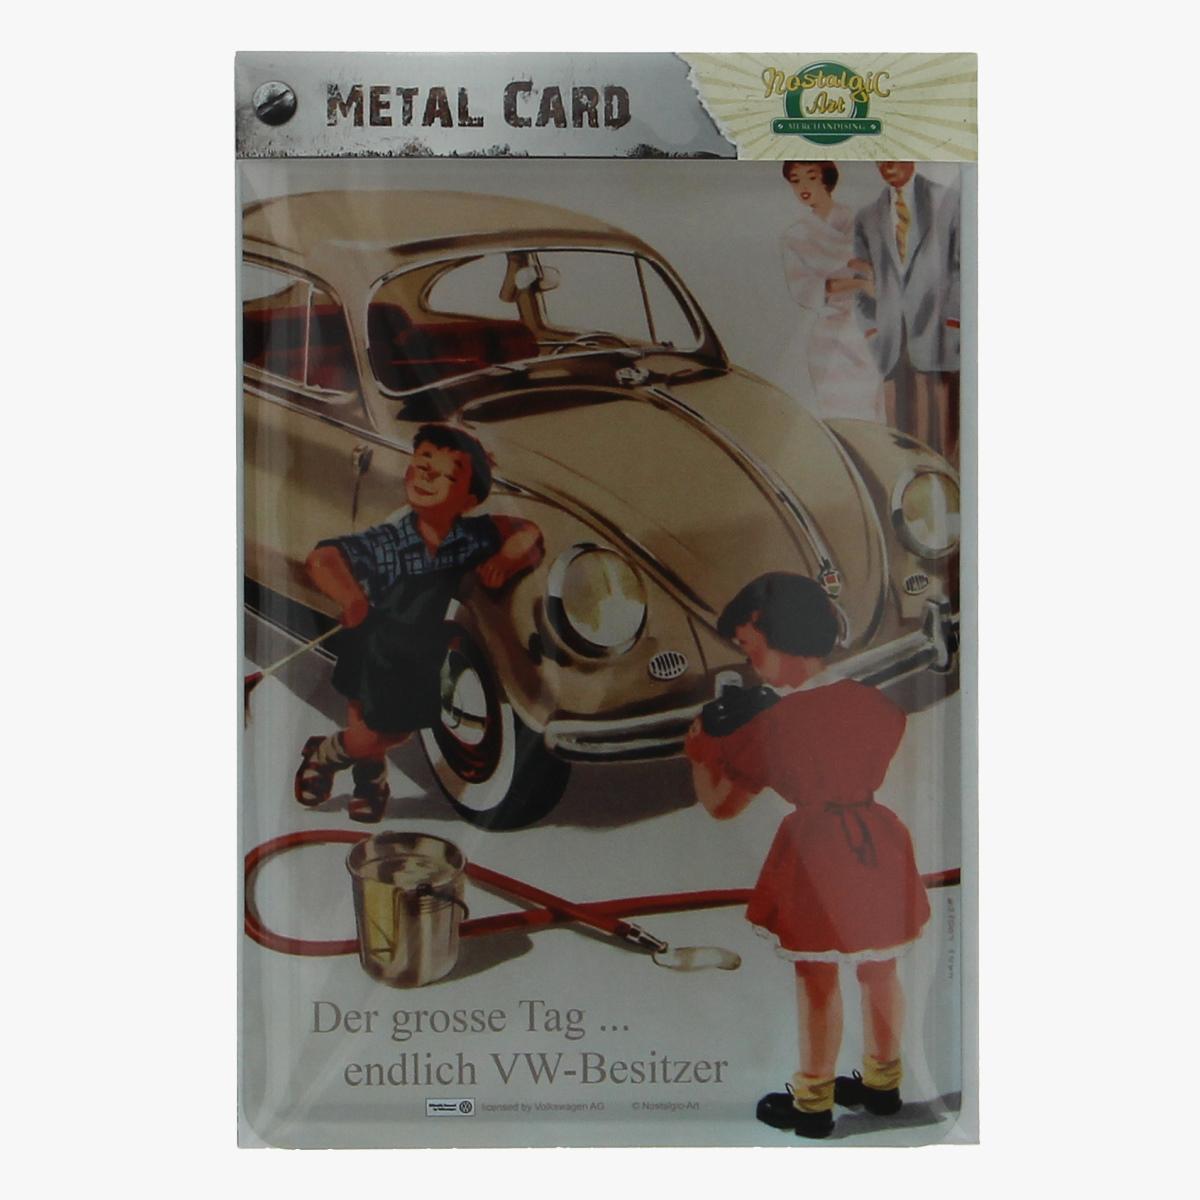 Afbeeldingen van metal card der grosse tag... endlich VW-Besitzer